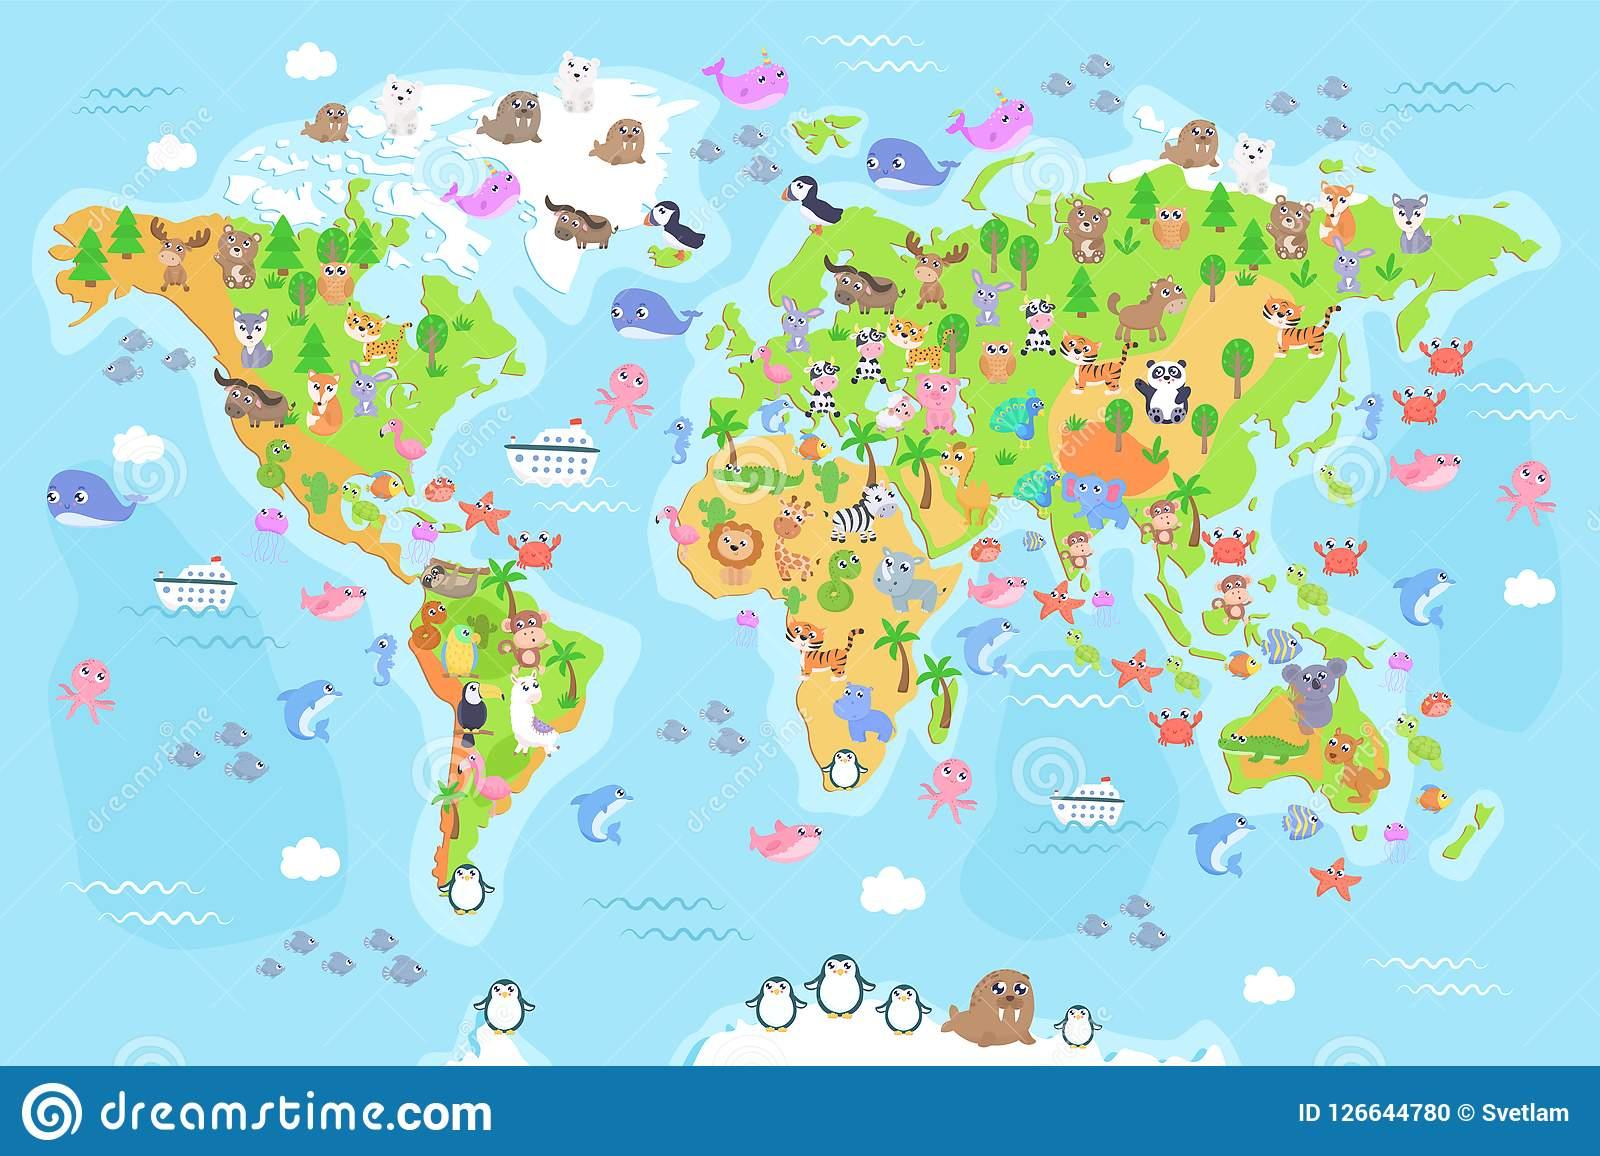 Dirigez L'illustration De La Carte Du Monde Avec Des Animaux encequiconcerne Carte Du Monde Pour Enfant